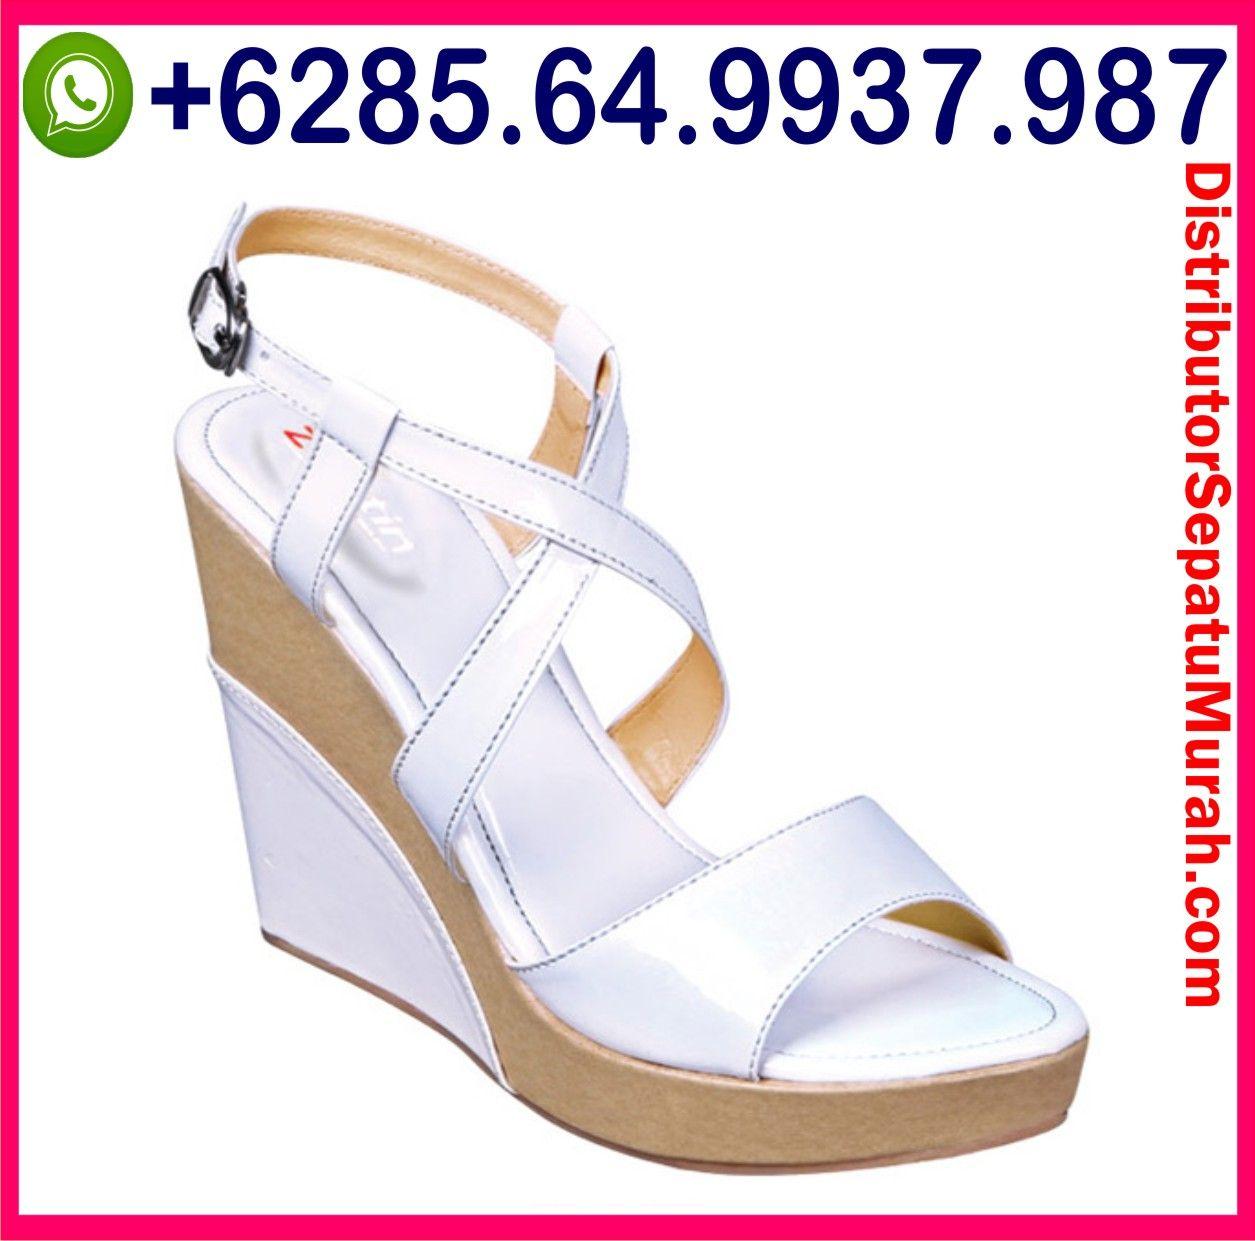 Sepatu Pantofel Warna Hitam Sepatu Pantofel Warna Putih Sepatu